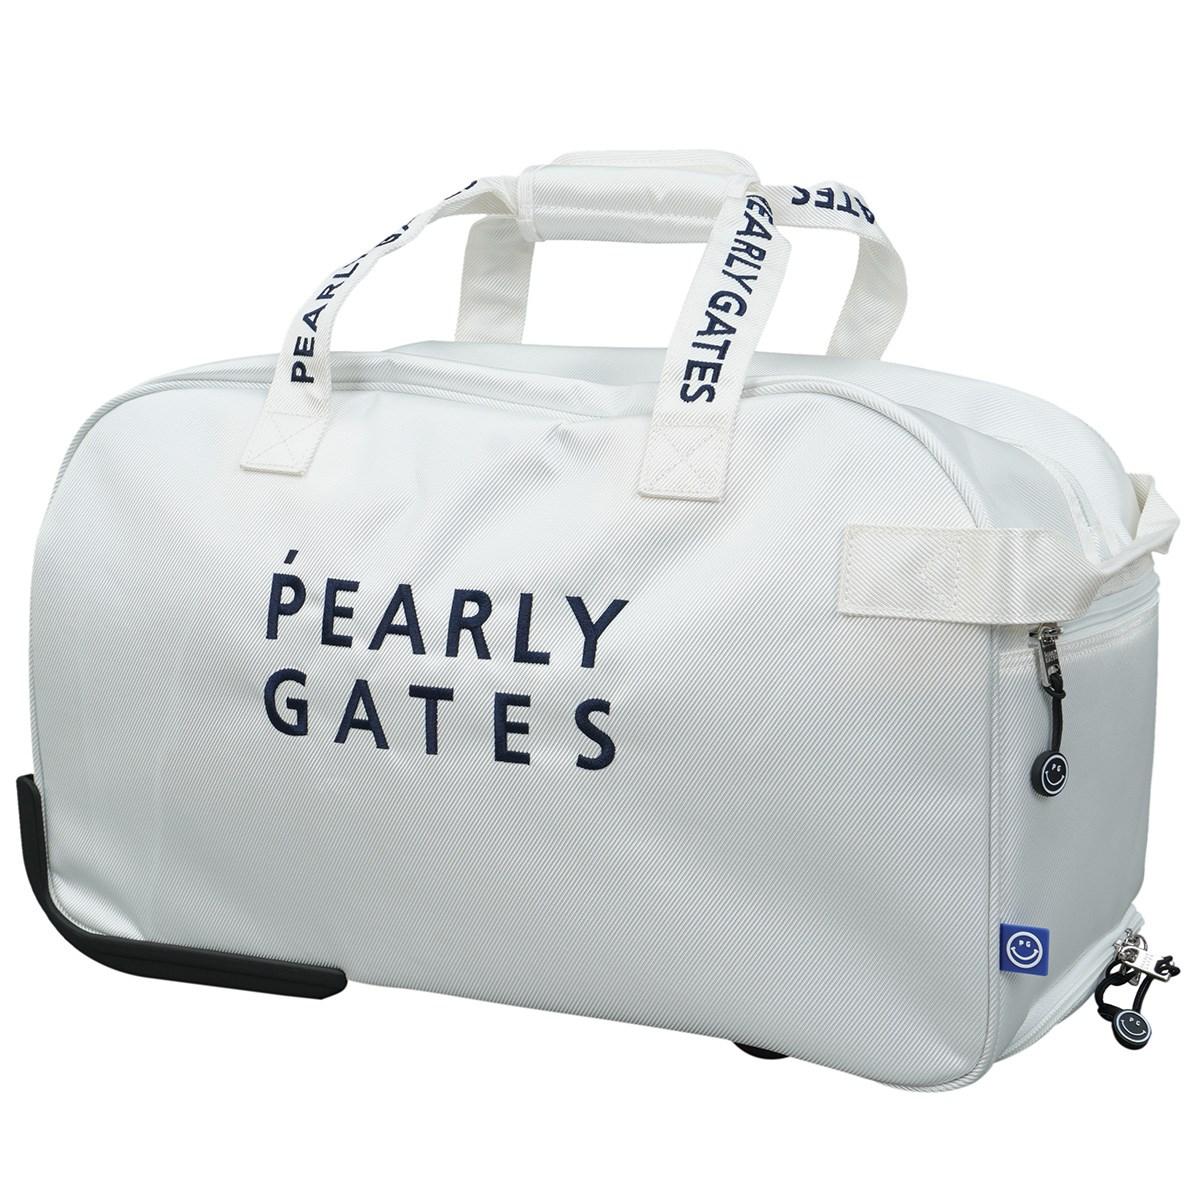 [2021年モデル] パーリーゲイツ PEARLY GATES キャリー付きボストンバッグ ホワイト 030 メンズ ゴルフ